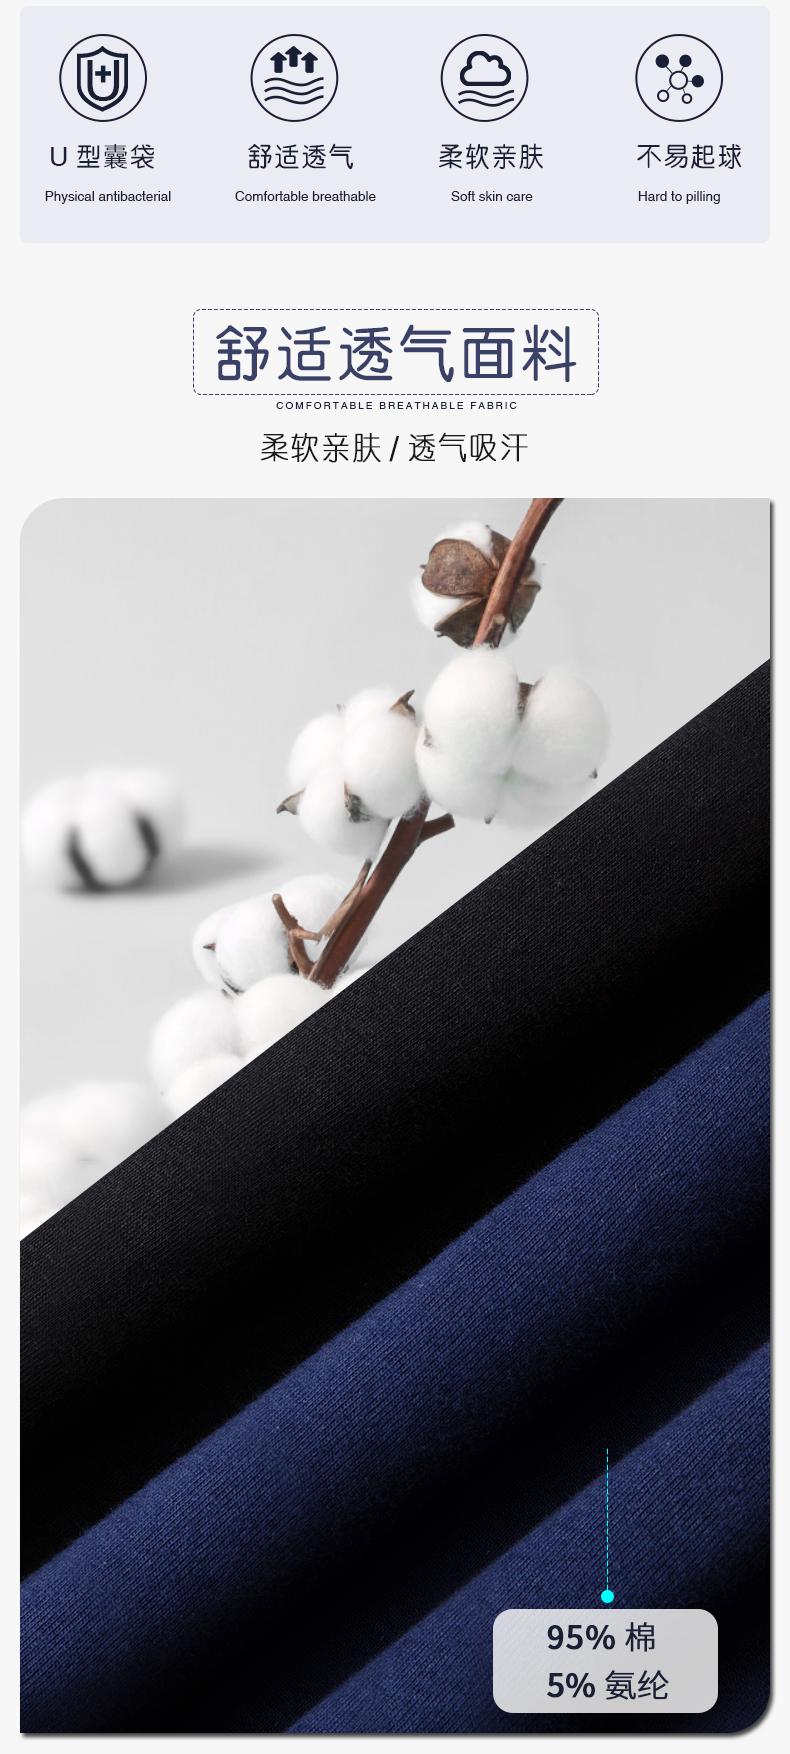 纯棉抗菌:7条 科将 男士 纯棉时尚印花内裤 19.9元包邮 买手党-买手聚集的地方